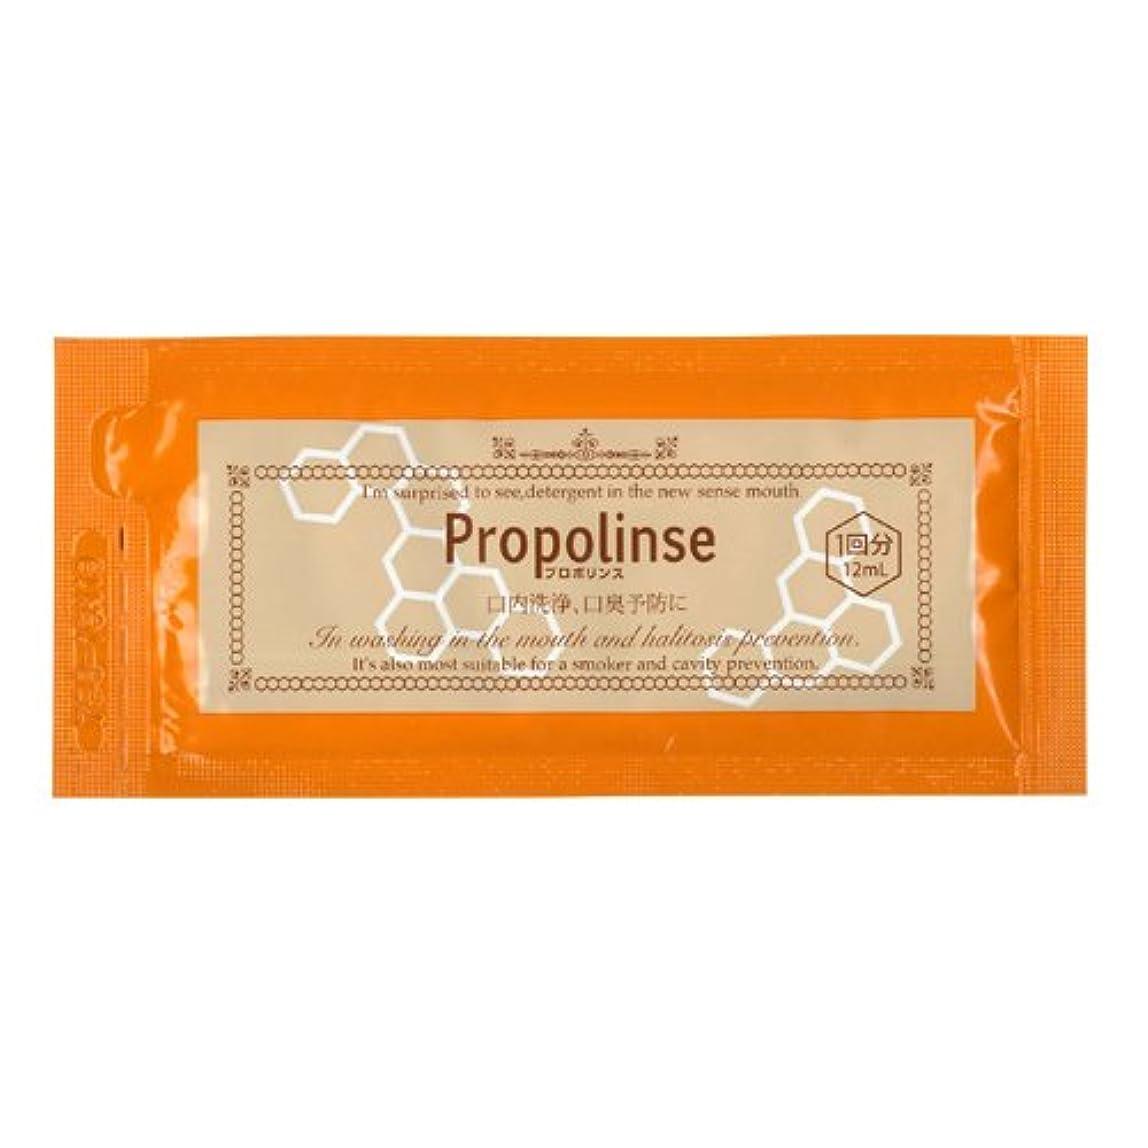 発表例示する天国プロポリンス ハンディパウチ 12ml(1袋)×100袋